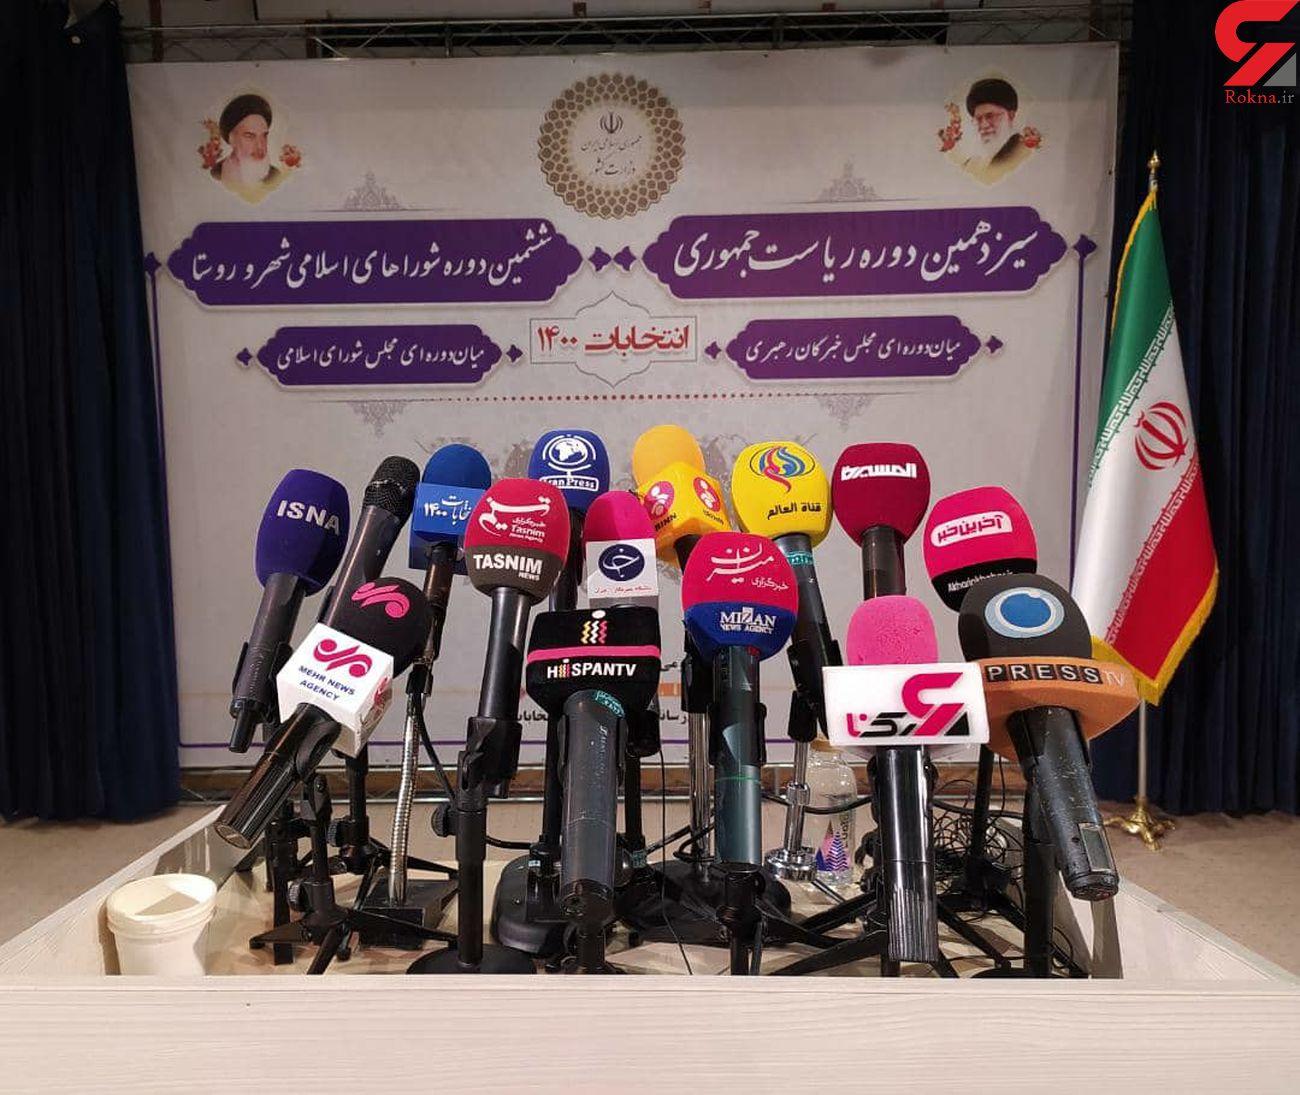 تمدید زمان انتخابات 1400 / اطلاعیه شماره 26